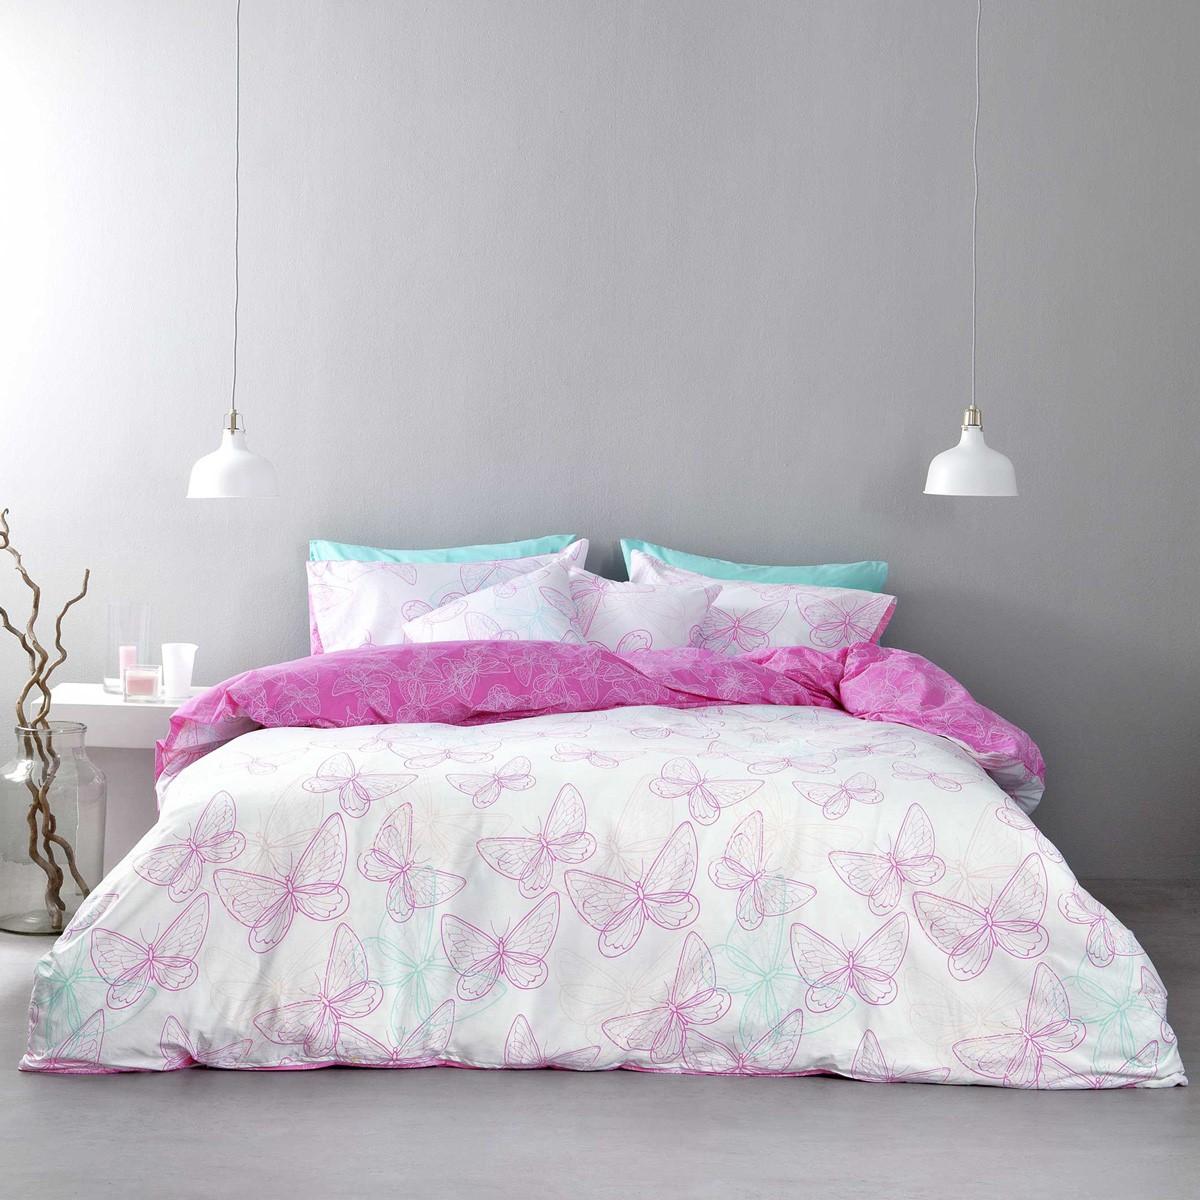 Σεντόνια Υπέρδιπλα (Σετ) Nima Bed Linen Farfalita Pink ΧΩΡΙΣ ΛΑΣΤΙΧΟ ΧΩΡΙΣ ΛΑΣΤΙΧΟ